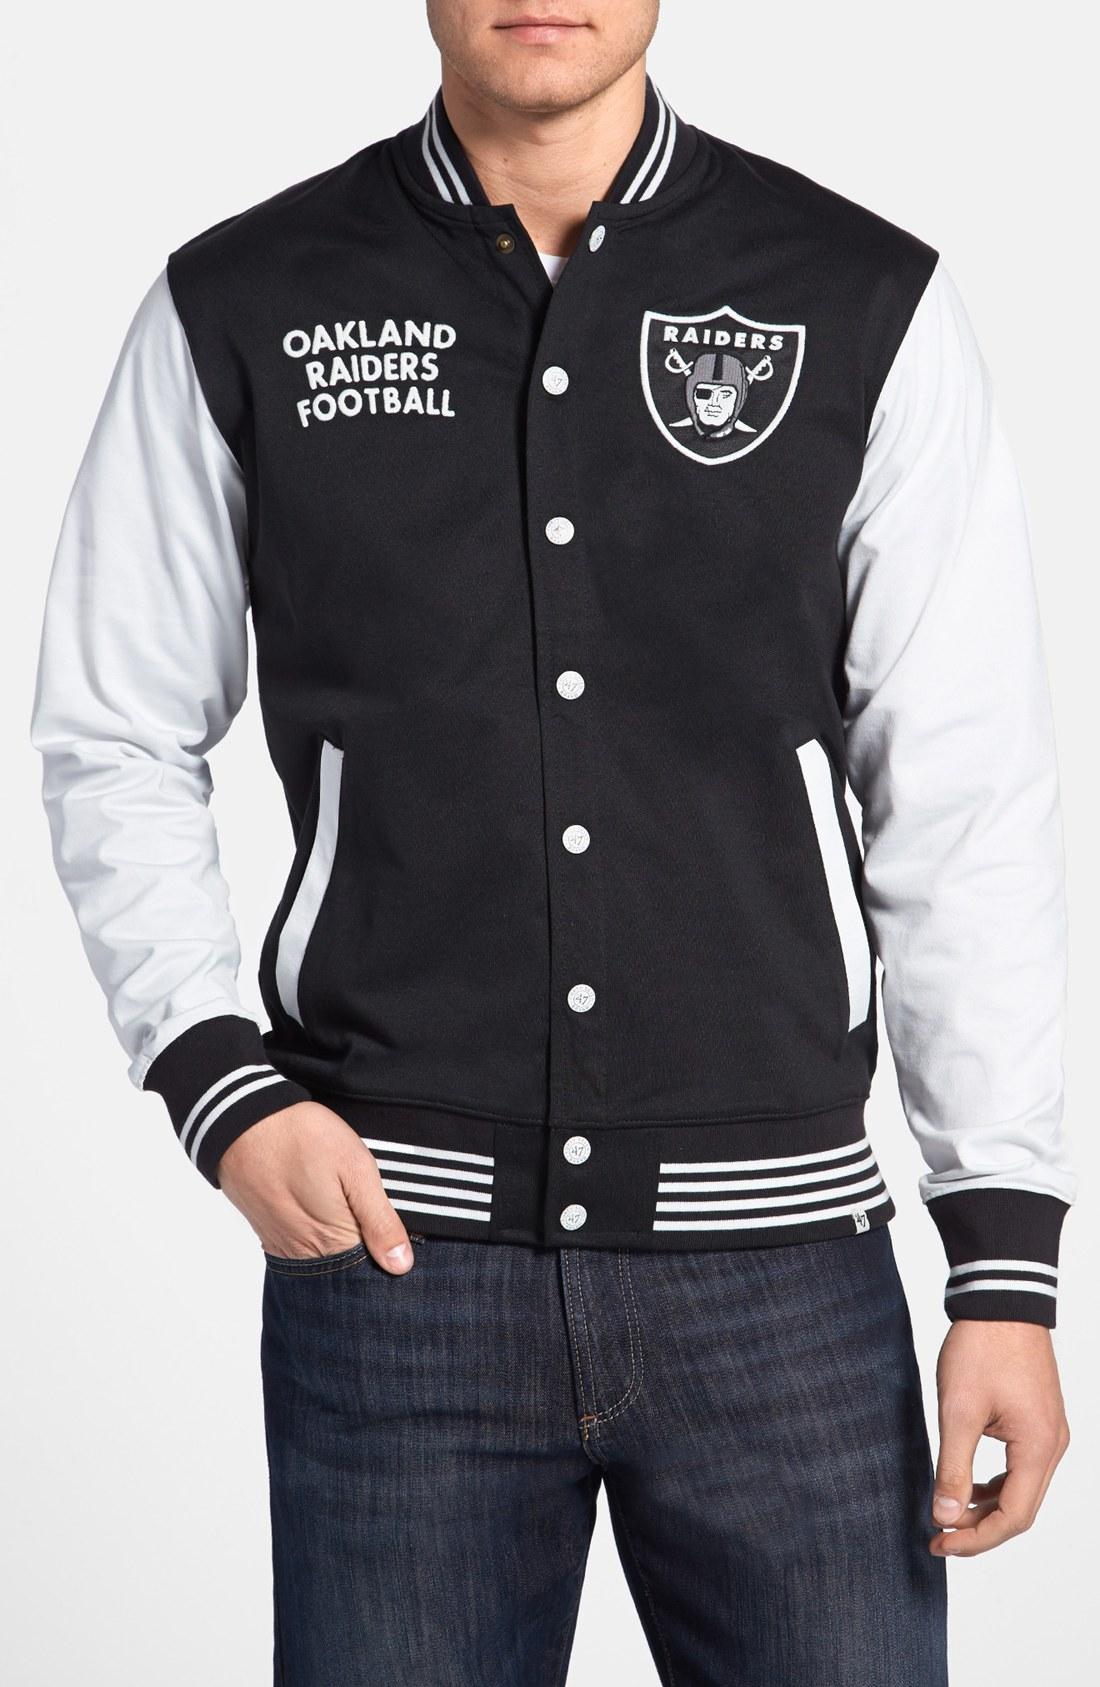 Raiders Varsity Jacket | Leather Raiders Jacket | Oakland Raiders Vest